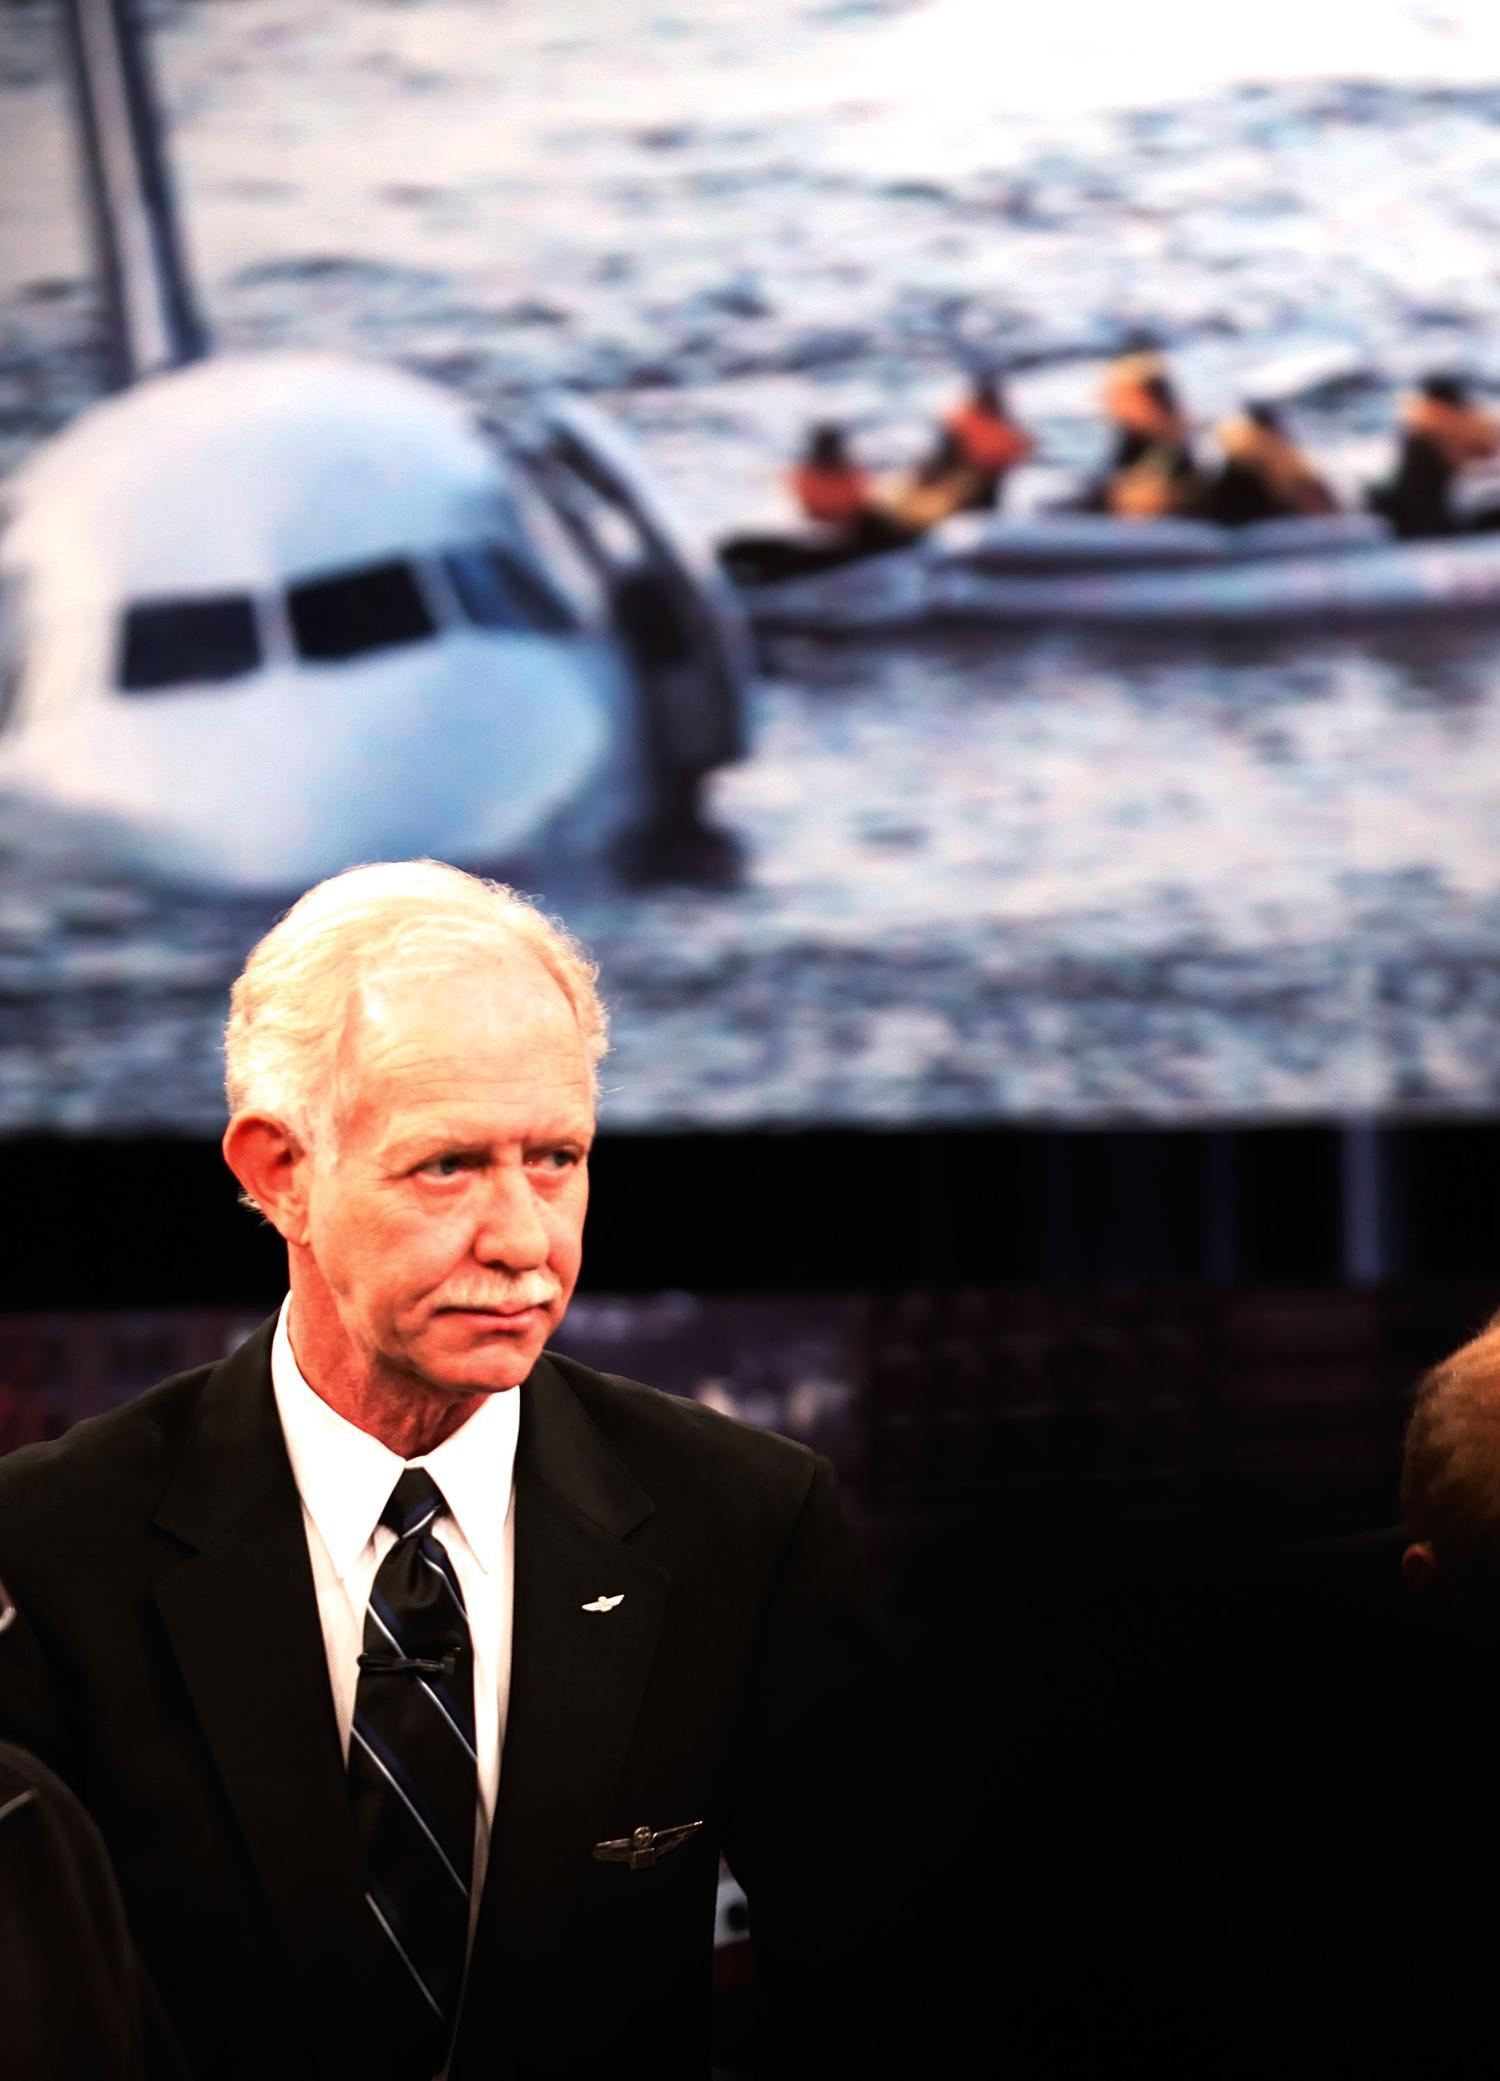 Igaz történet a film mögött – Megmentett 155 emberéletet, hálából meghurcolták